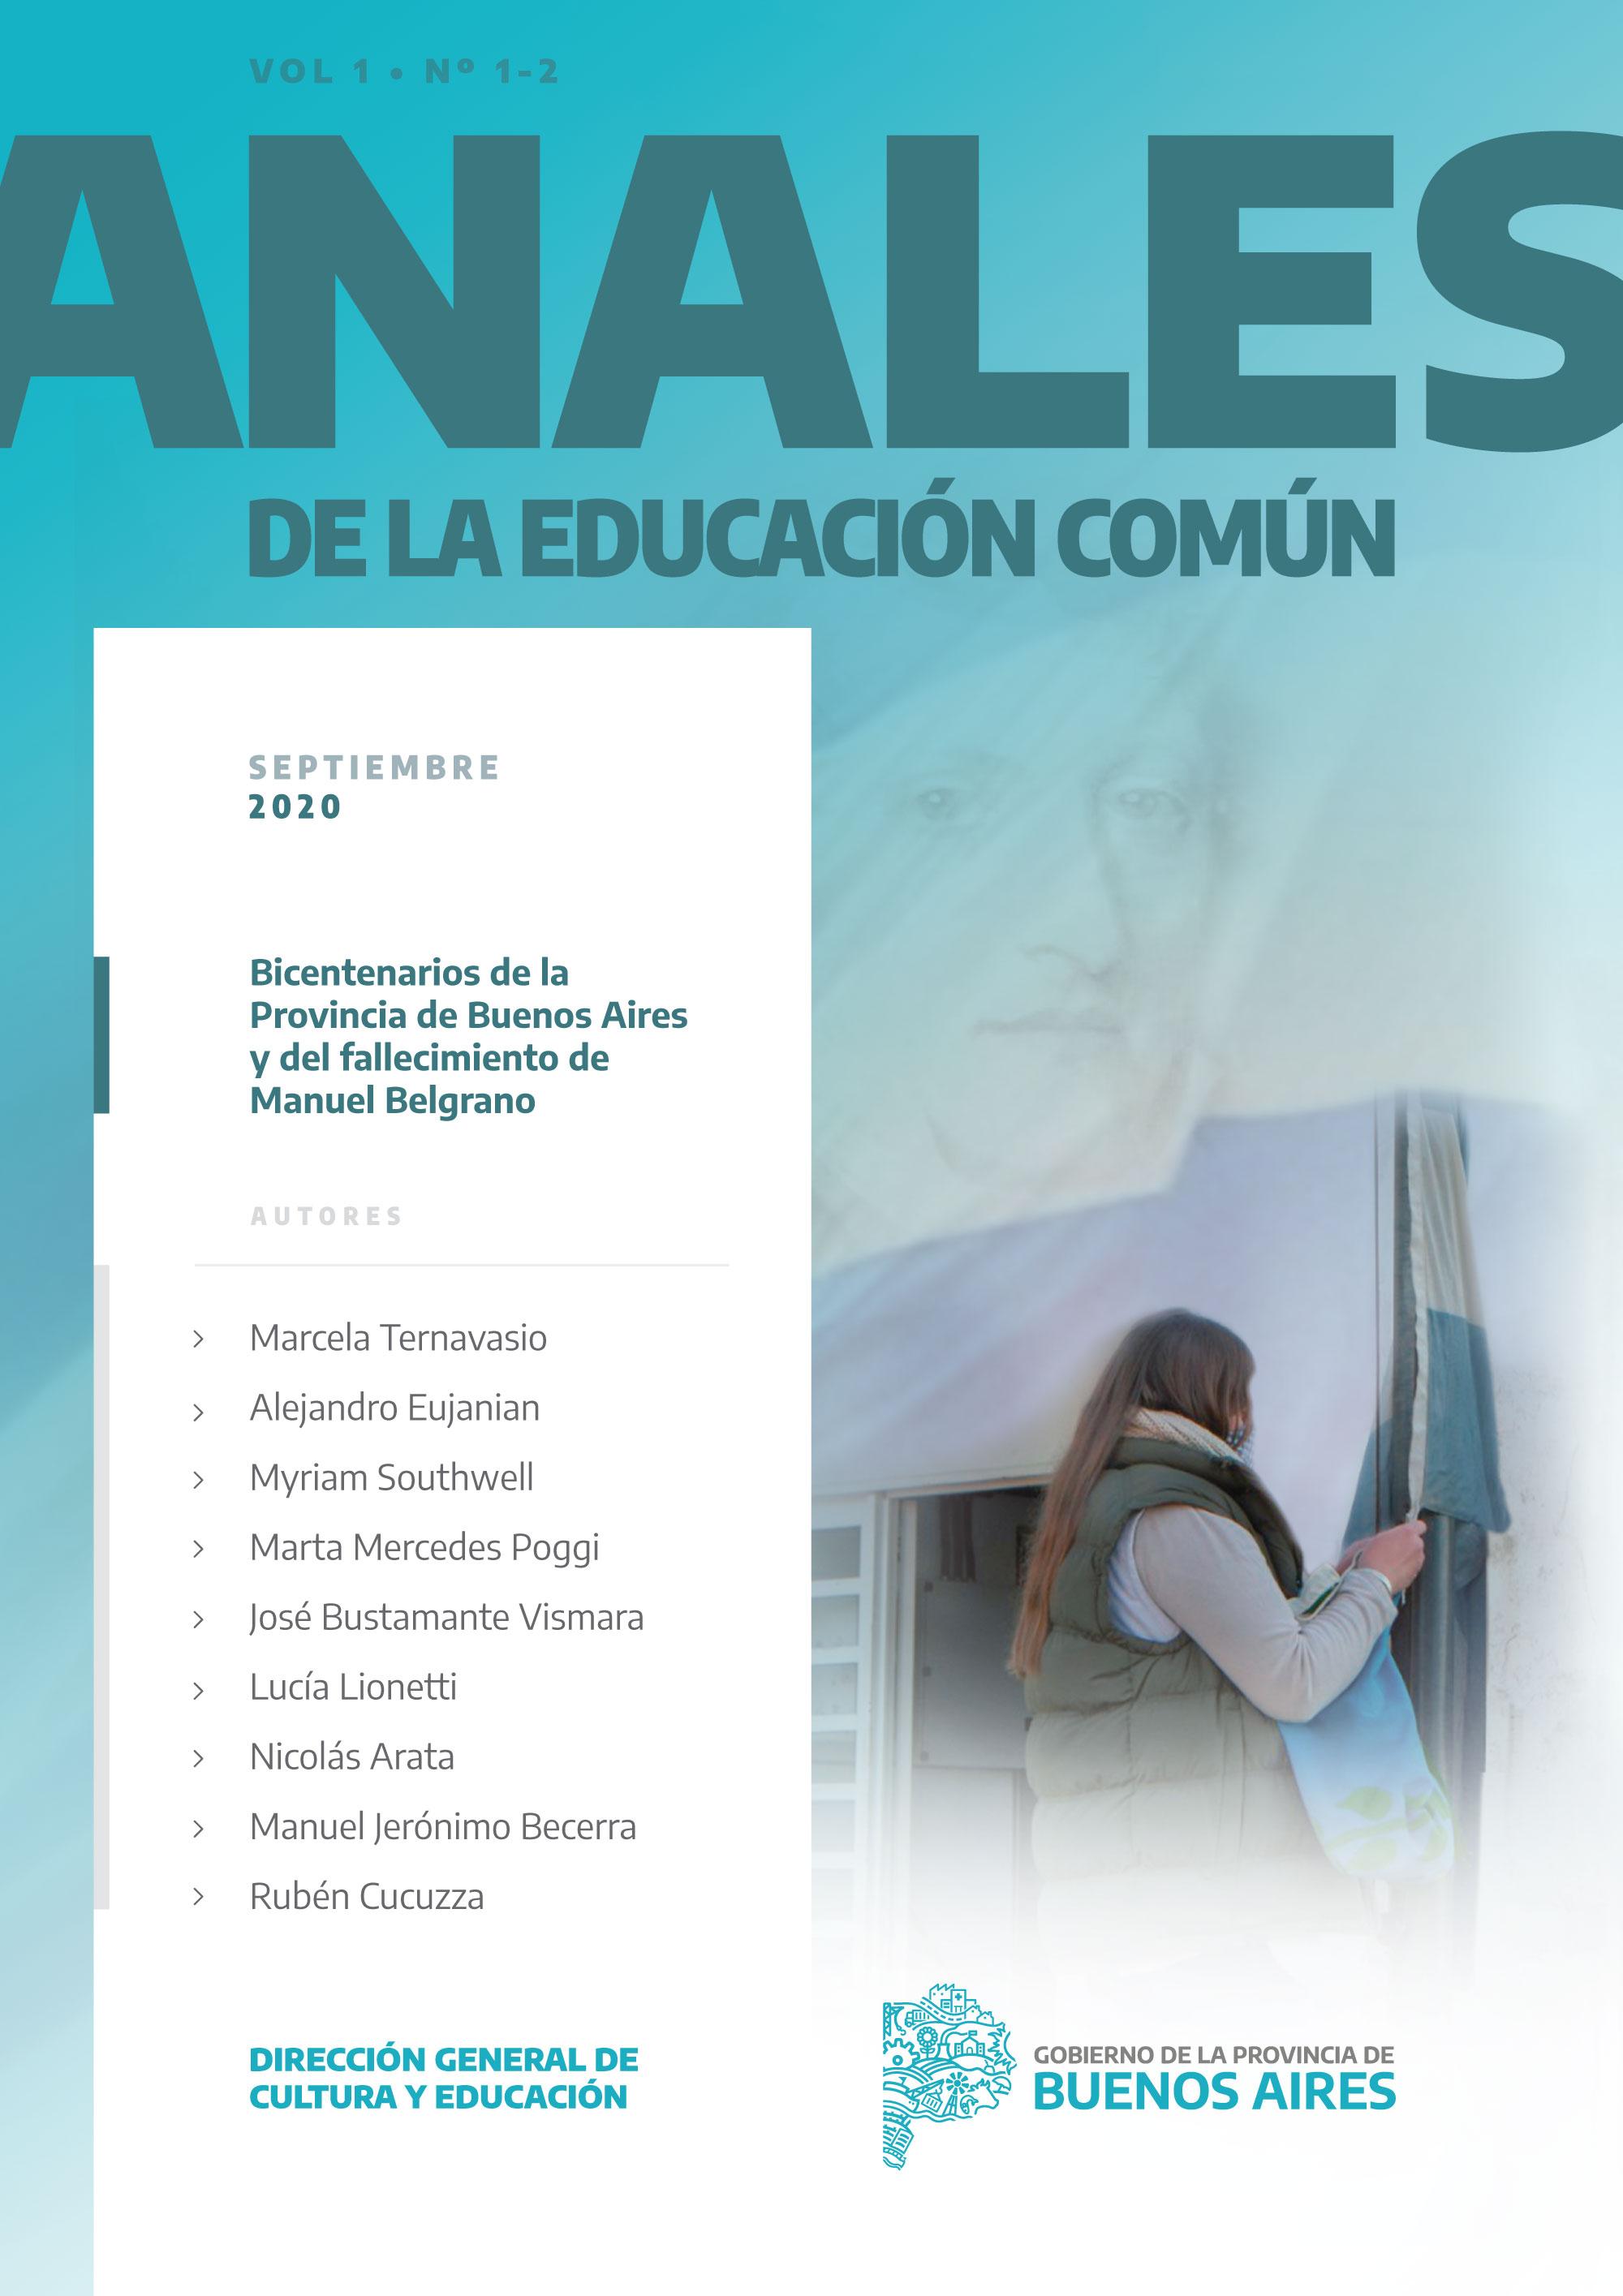 Tapa de la revista Anales de la Educación Común